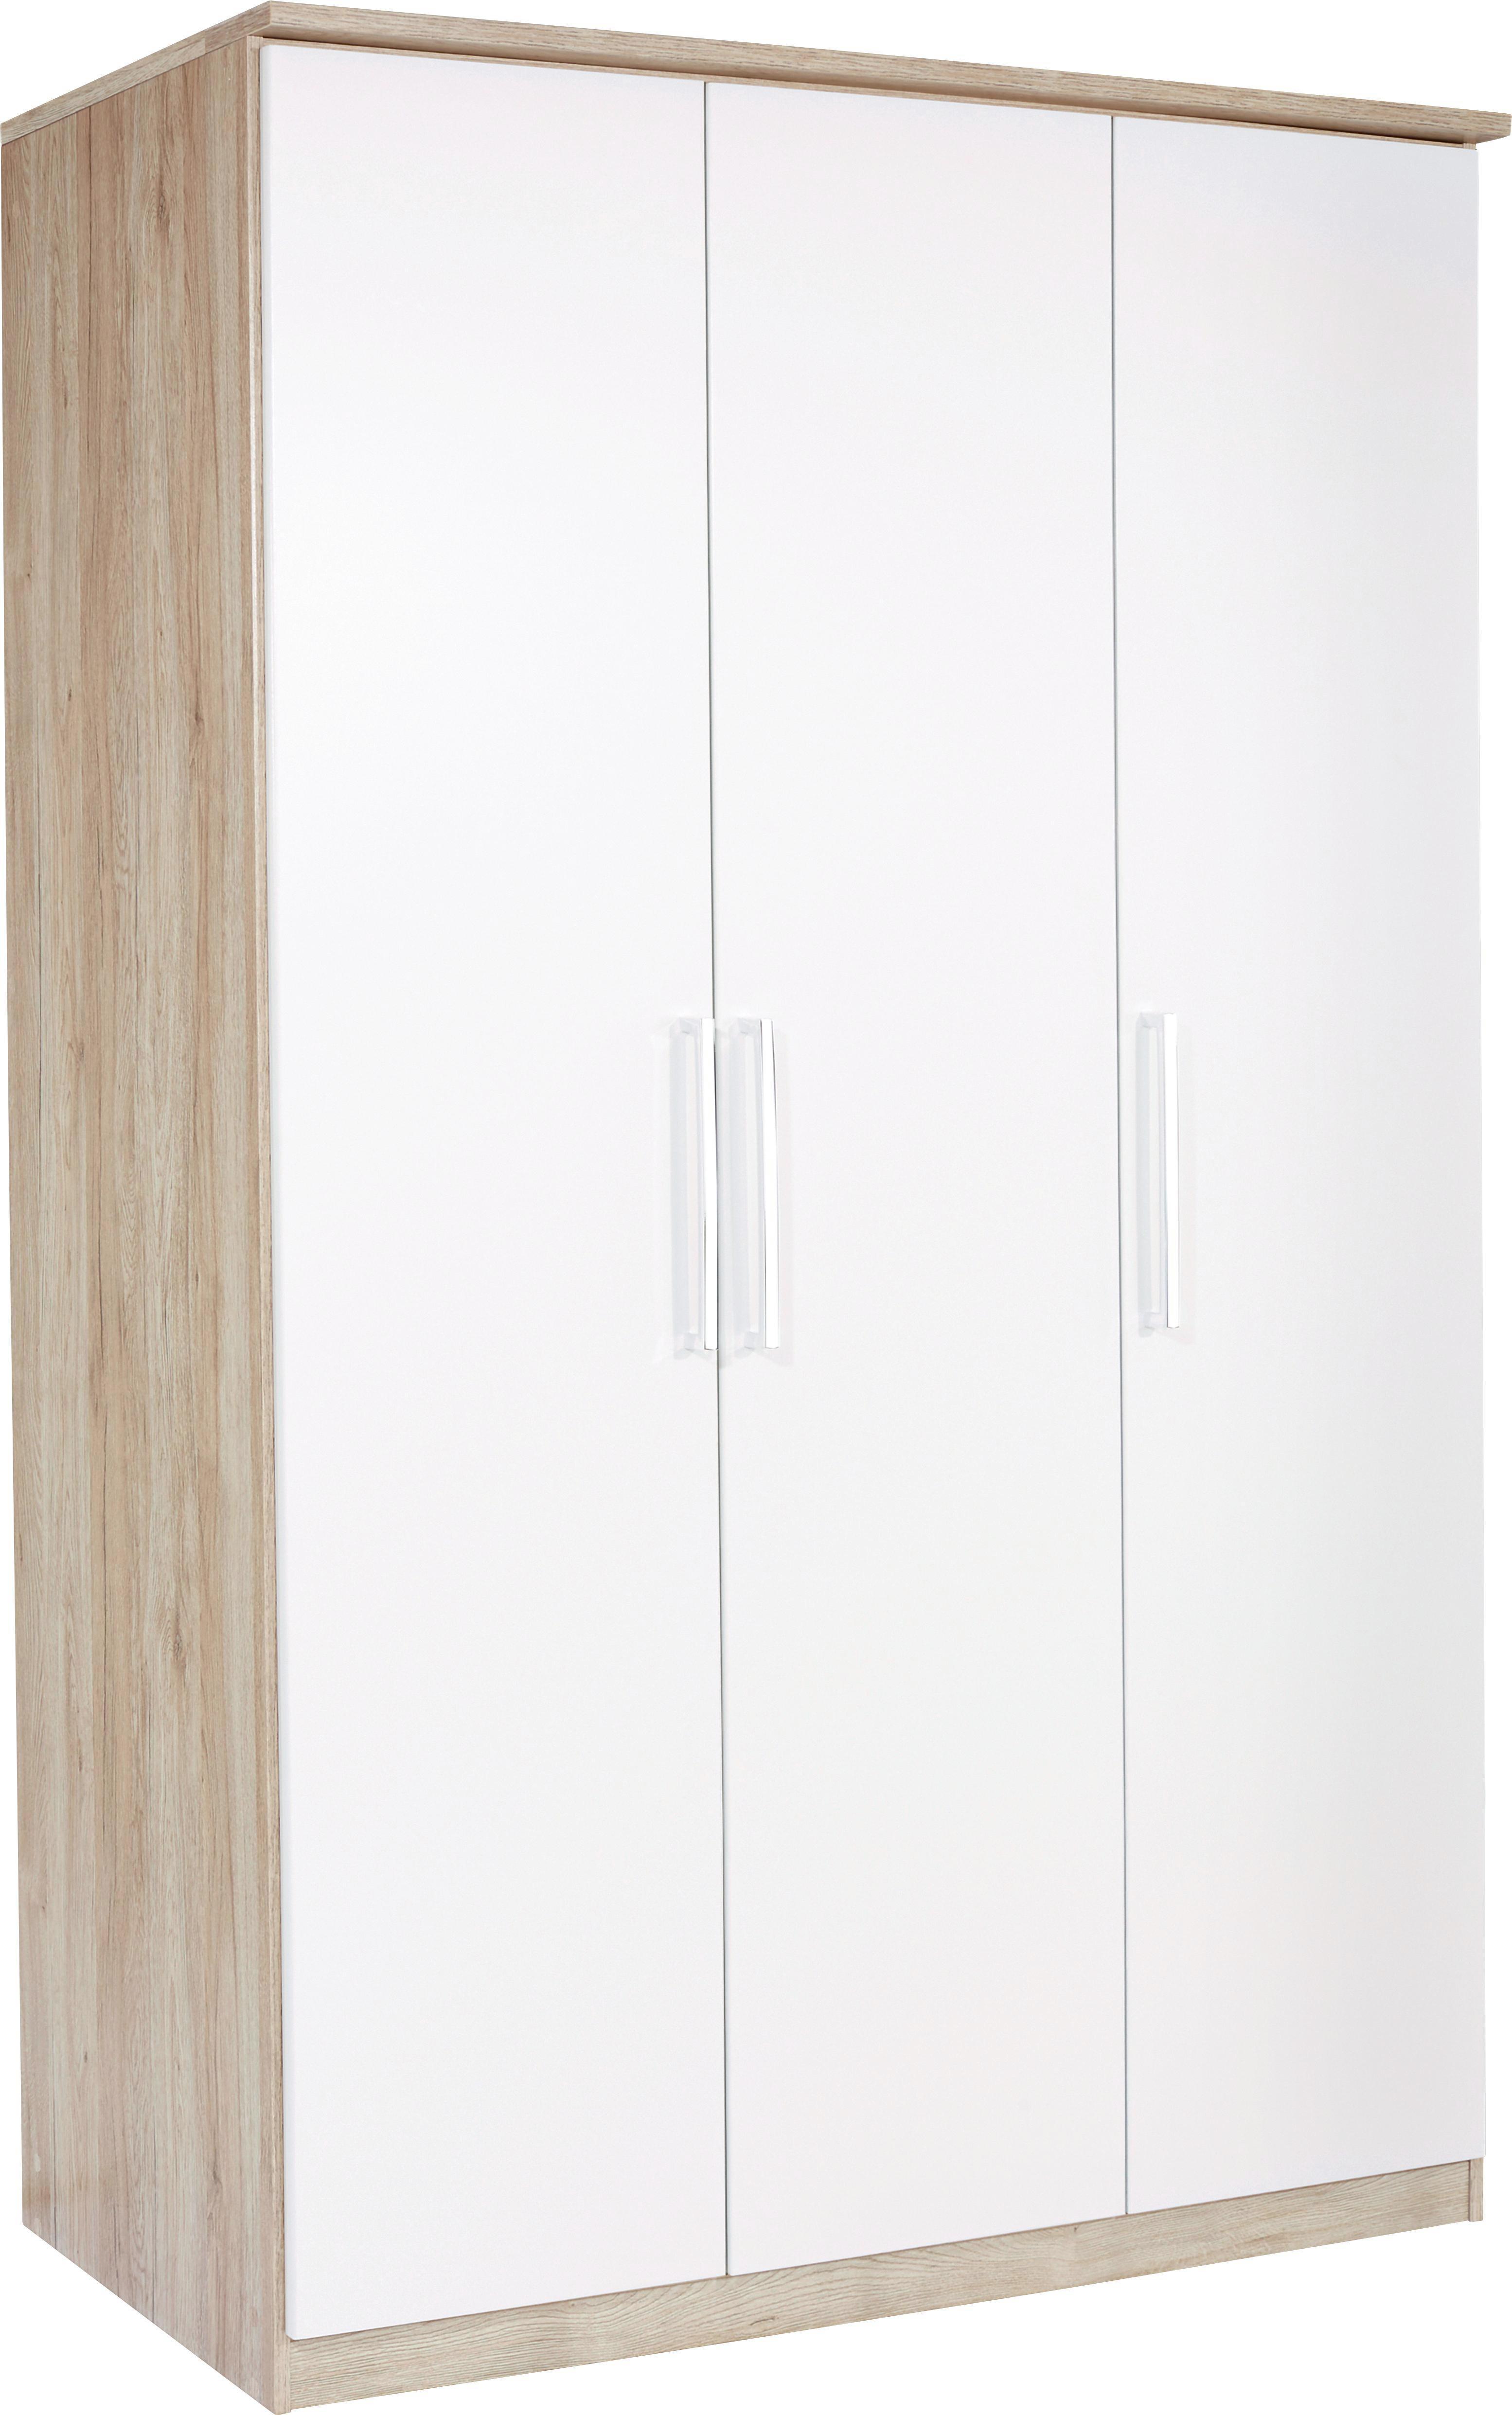 Ruhásszekrény Wien - tölgy színű/fehér, konvencionális, faanyagok (136/212/56cm)